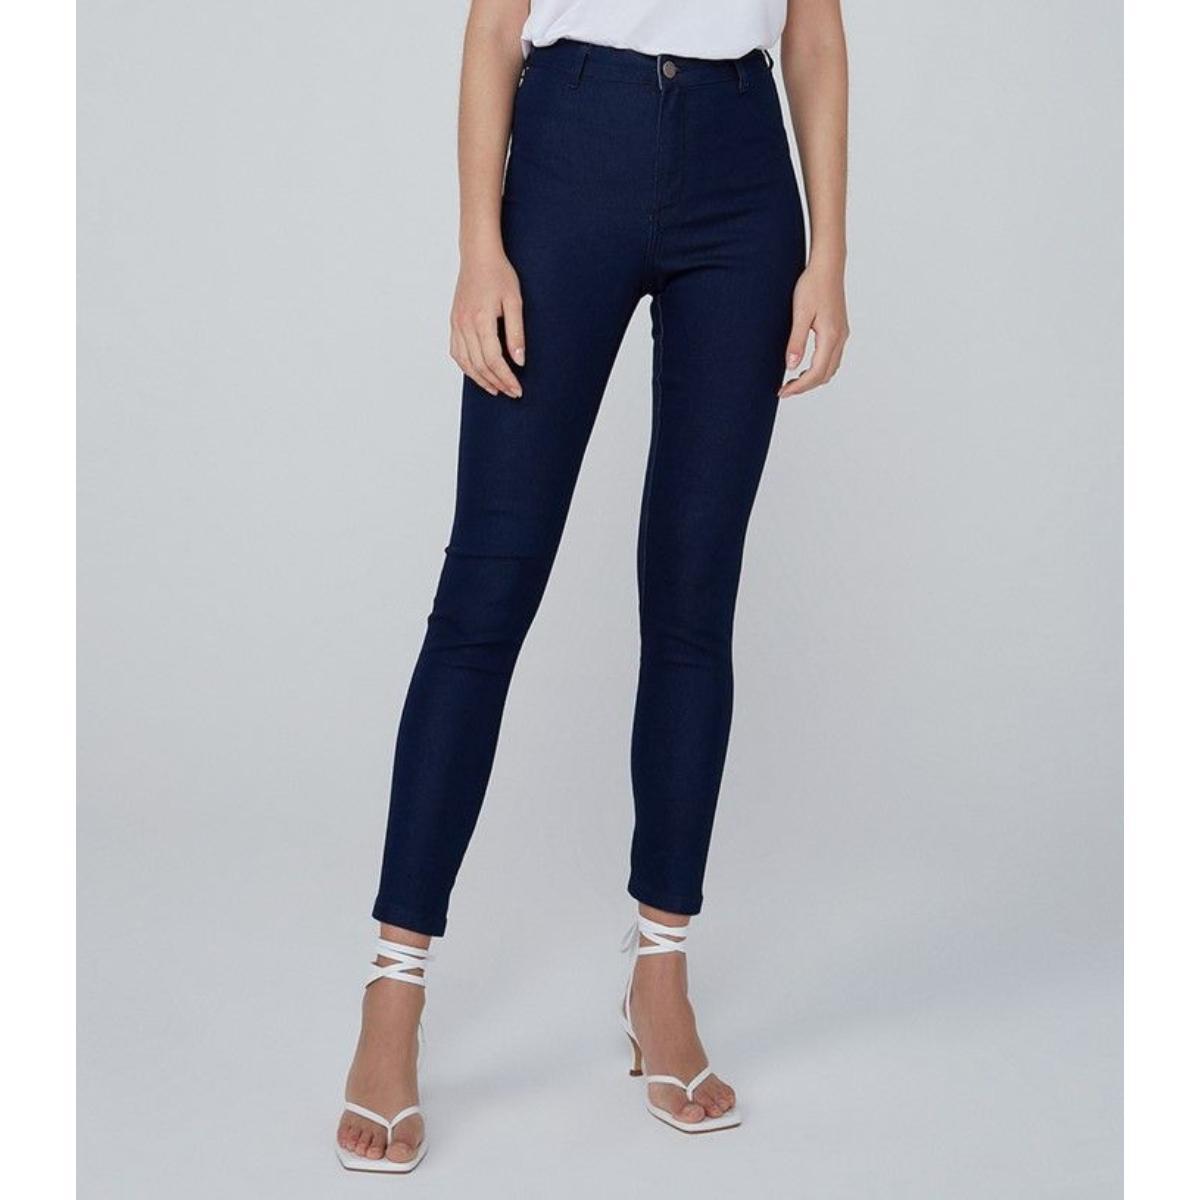 Calça Feminina Dzarm Zu53 1asn Jeans Escuro